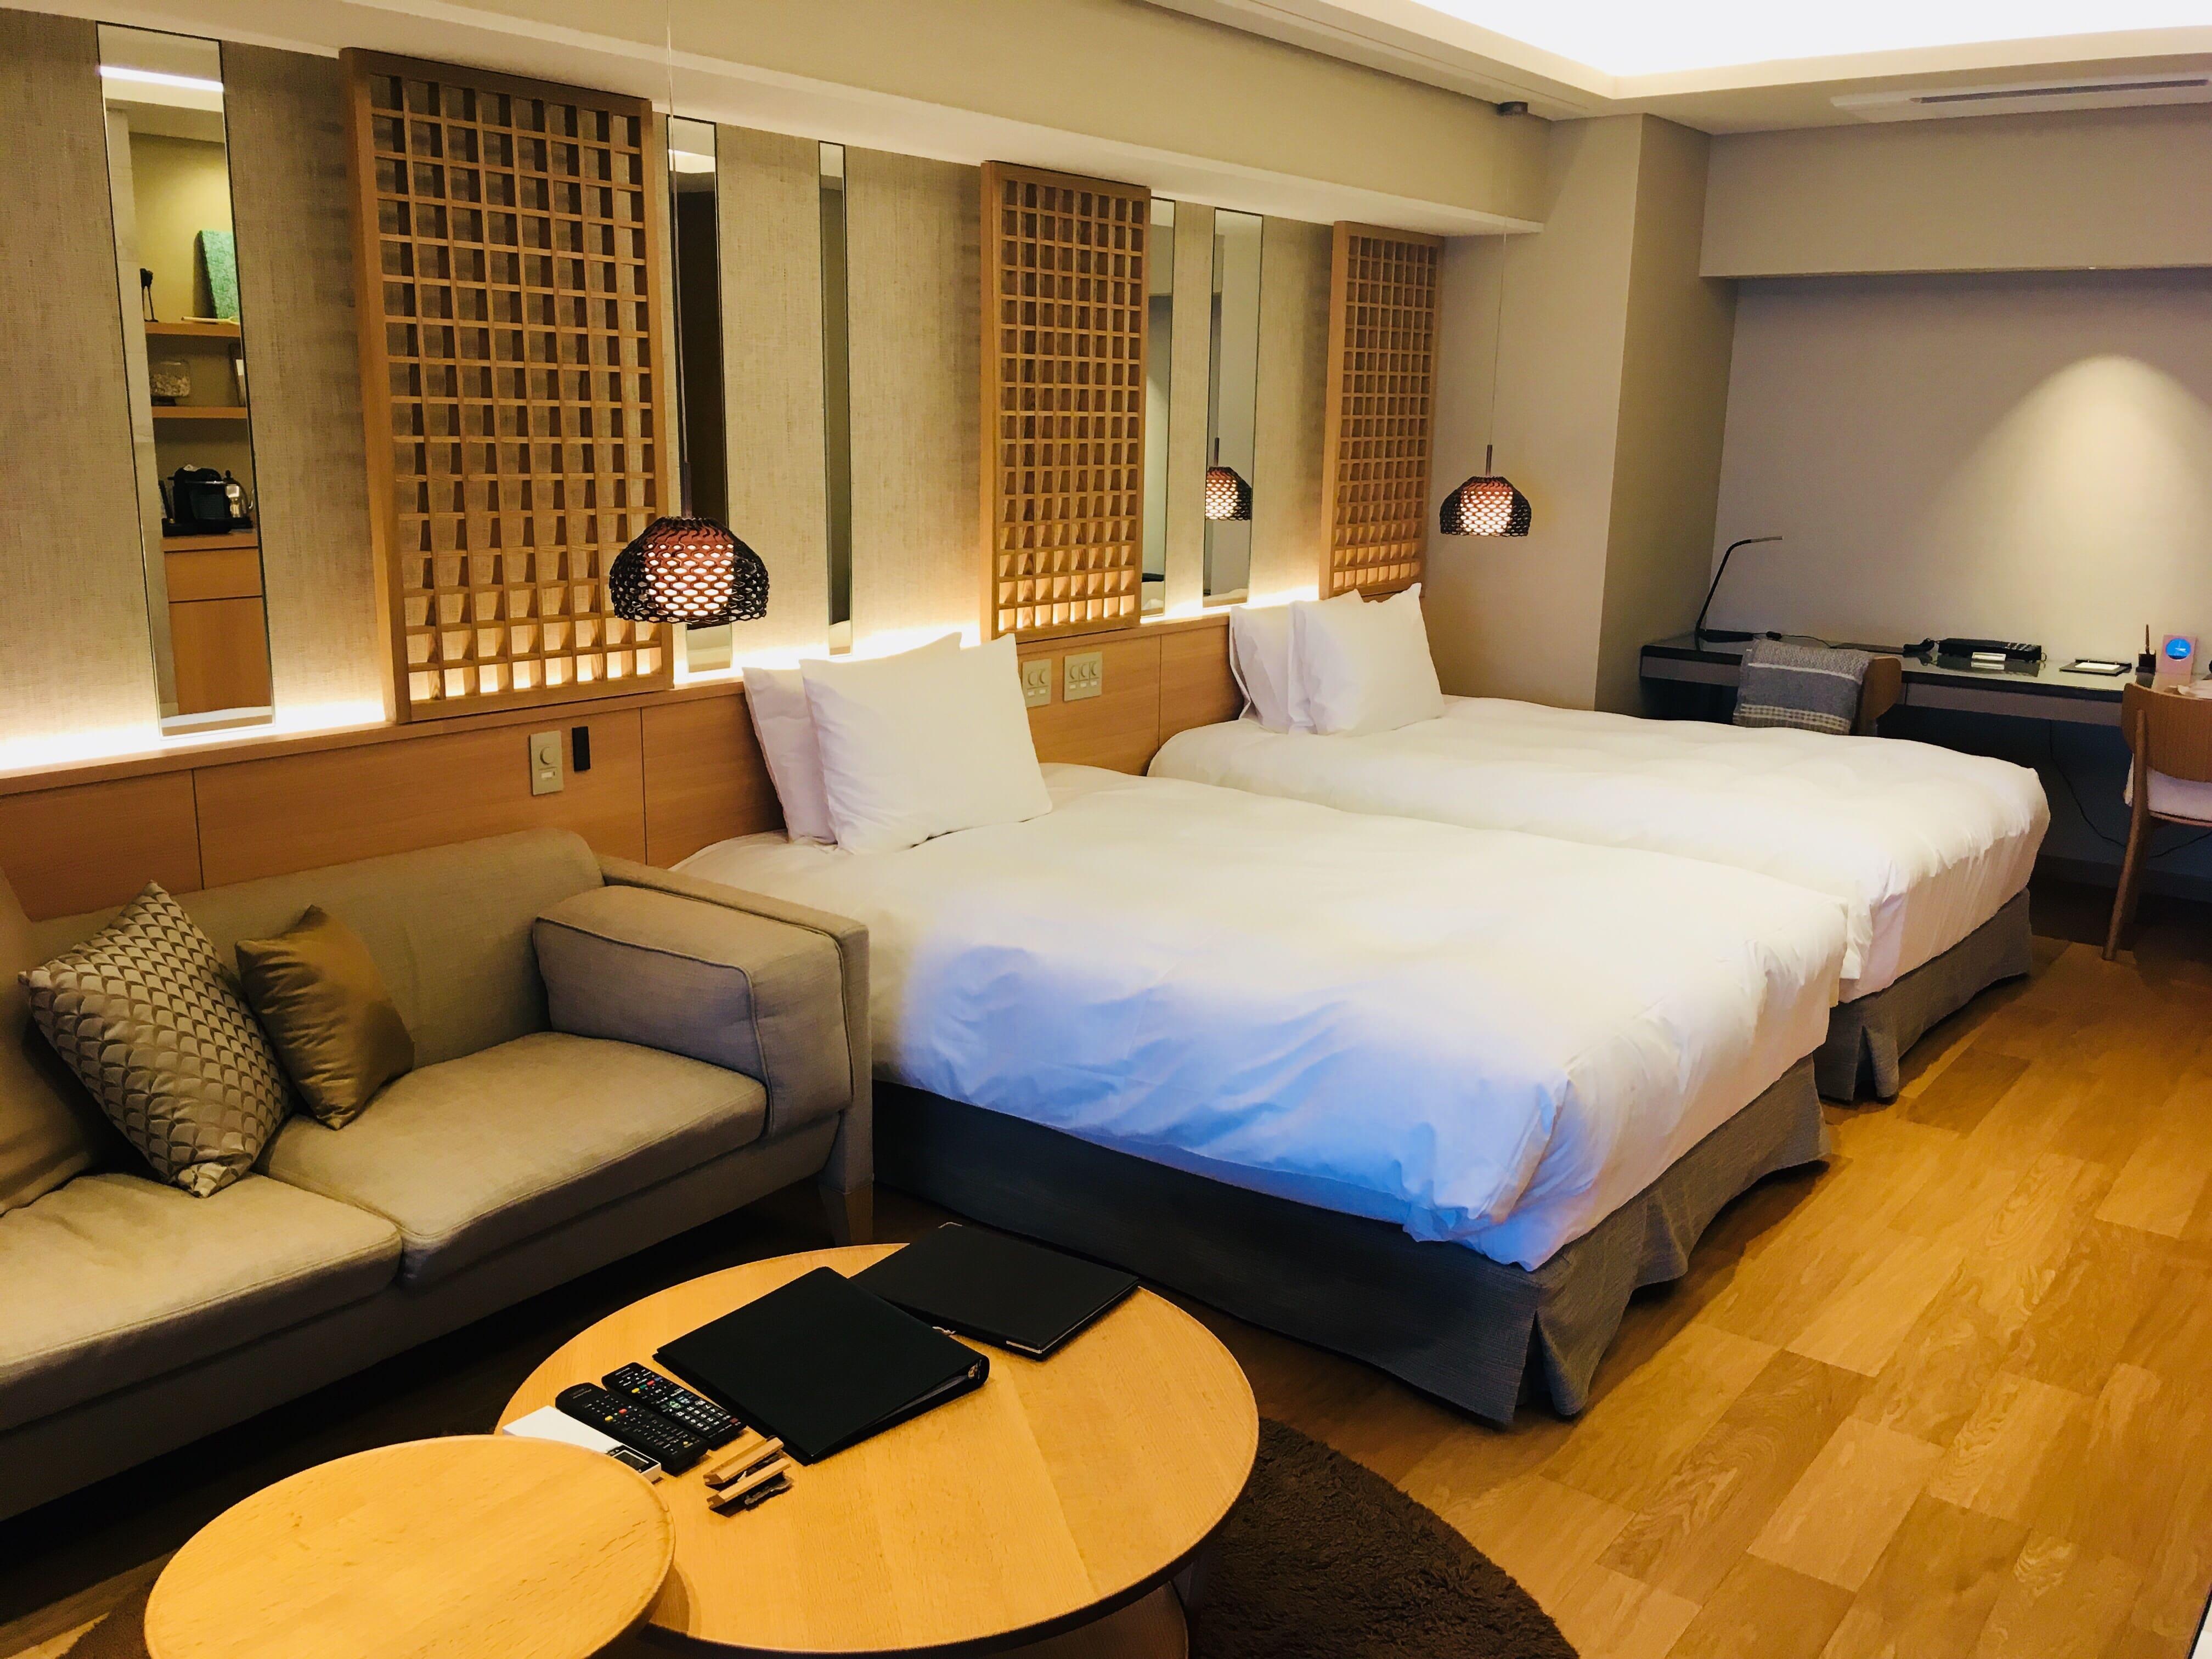 露天風呂付き客室 熱海 温泉 せかいへ 高級旅館 スイート